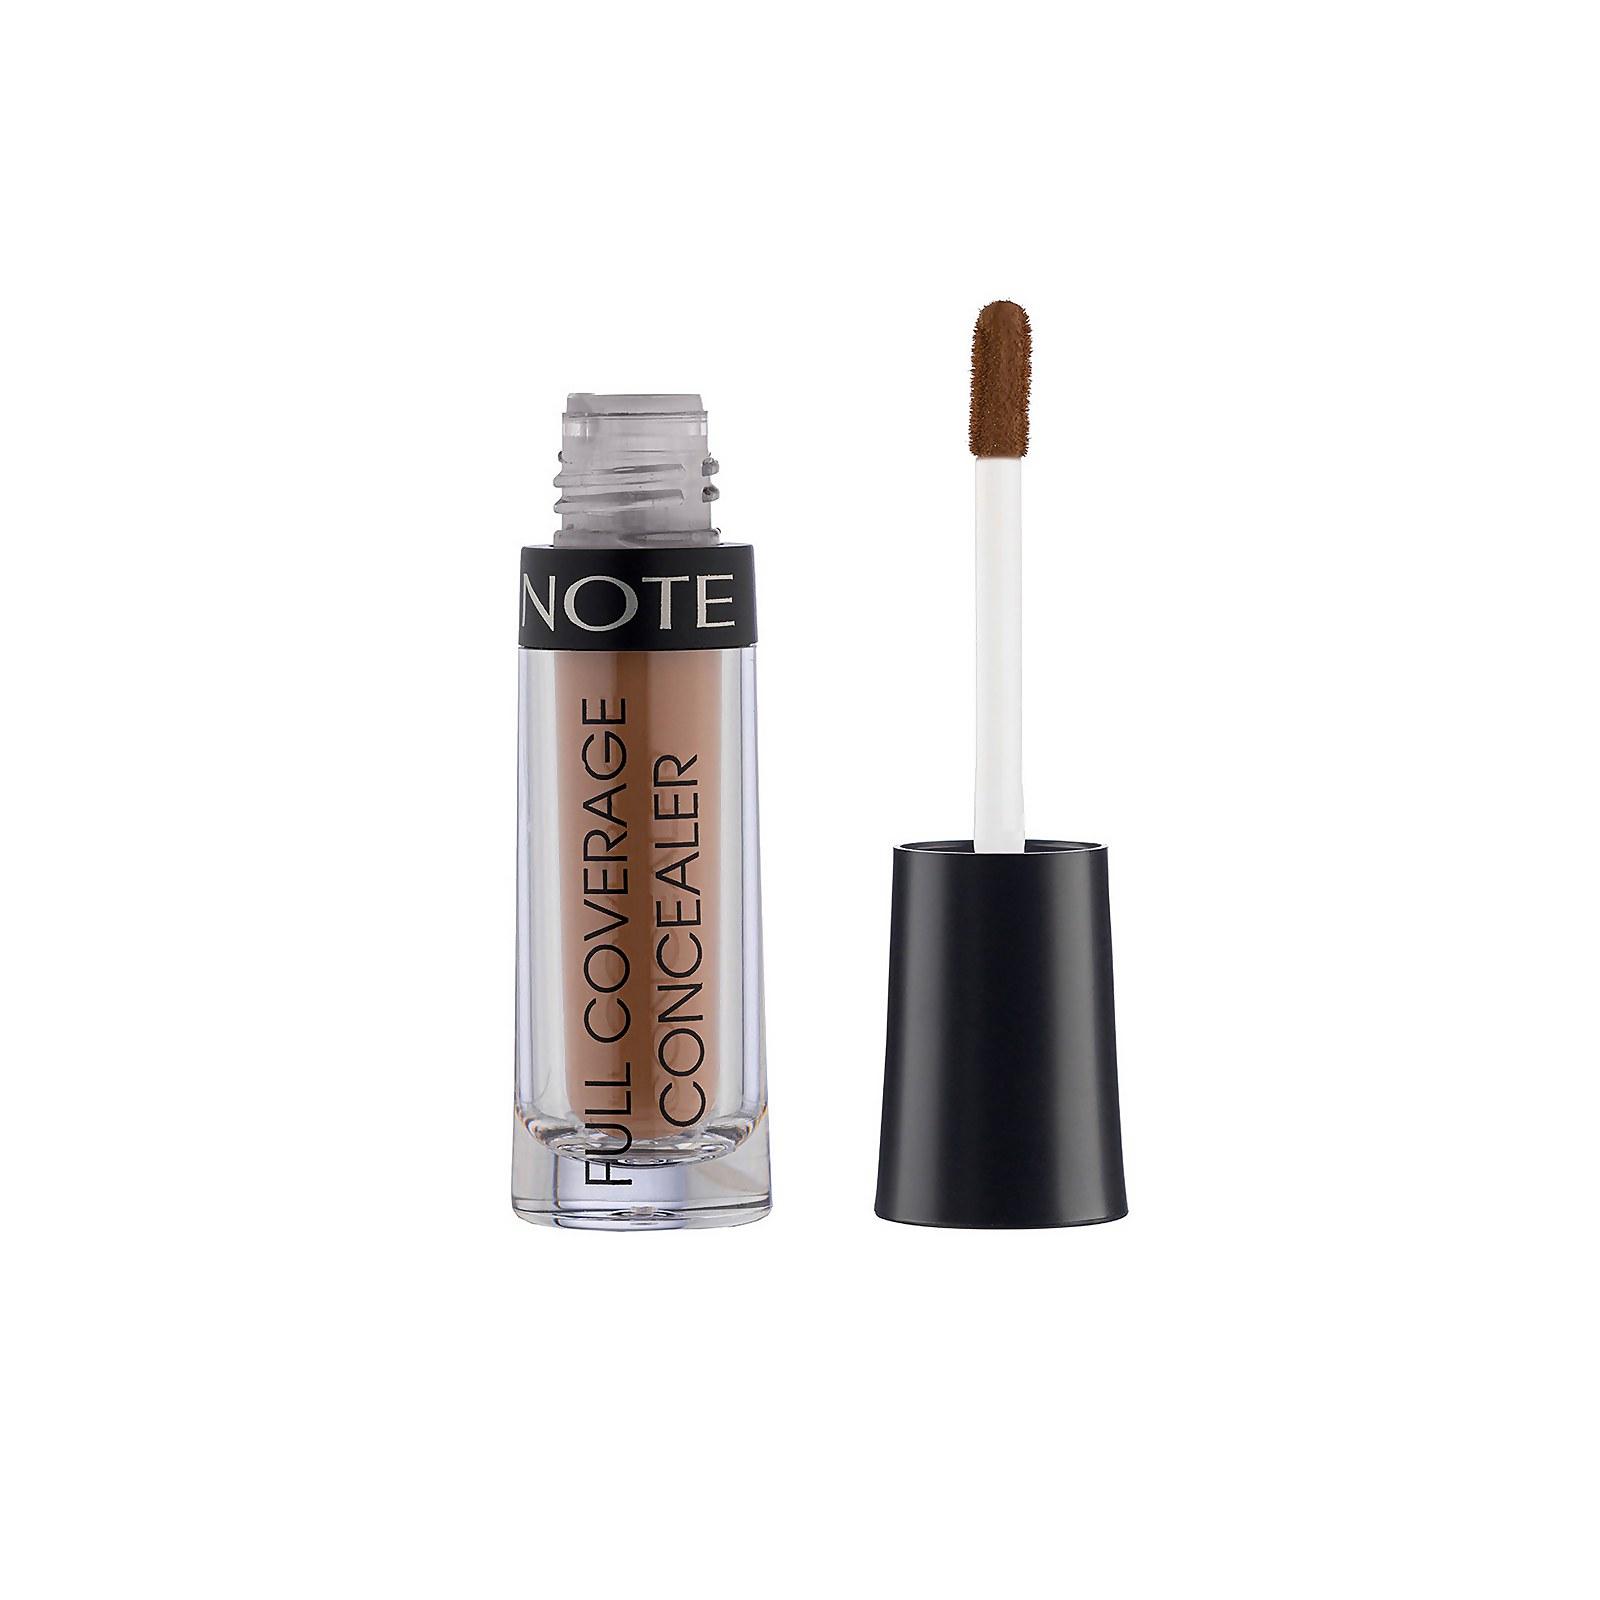 Купить Жидкий консилер Note Cosmetics Full Coverage Liquid Concealer 2, 3 мл (различные оттенки) - 402 Chestnut